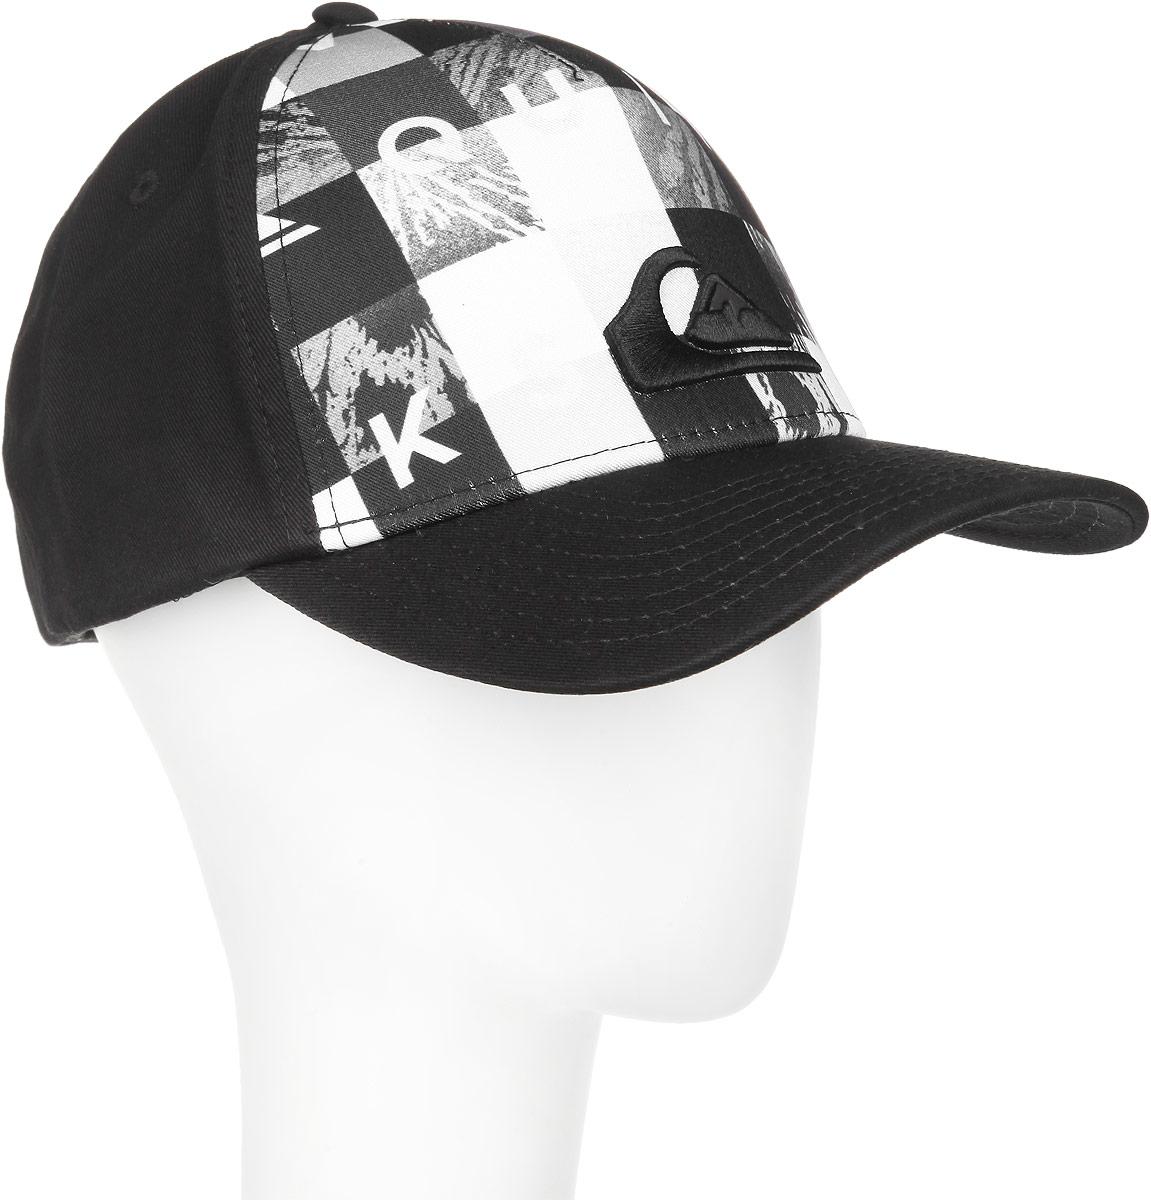 Бейсболка мужская Pintails M HATS. AQYHA03267AQYHA03267-BMJ1Стильная мужская бейсболка Quiksilver Pintails M HATS будет дополнять ваш образ в ваших повседневных делах. Также будет отличным подарком и сувениром для ваших близких и знакомых. Бейсболка выполнена из полиэстера, имеет классическую панельную конструкцию. Бейсболка имеет перфорацию, обеспечивающую дополнительную вентиляцию. Бейсболка надежно защитит вас от солнца и ветра. Модель декорирована вставкой и объемной вышивкой. Козырек дополнен строчками. Объем бейсболки регулируется при помощи пластиковых кнопок для удобной плотной посадки. Такая бейсболка станет отличным аксессуаром и дополнит ваш повседневный образ.